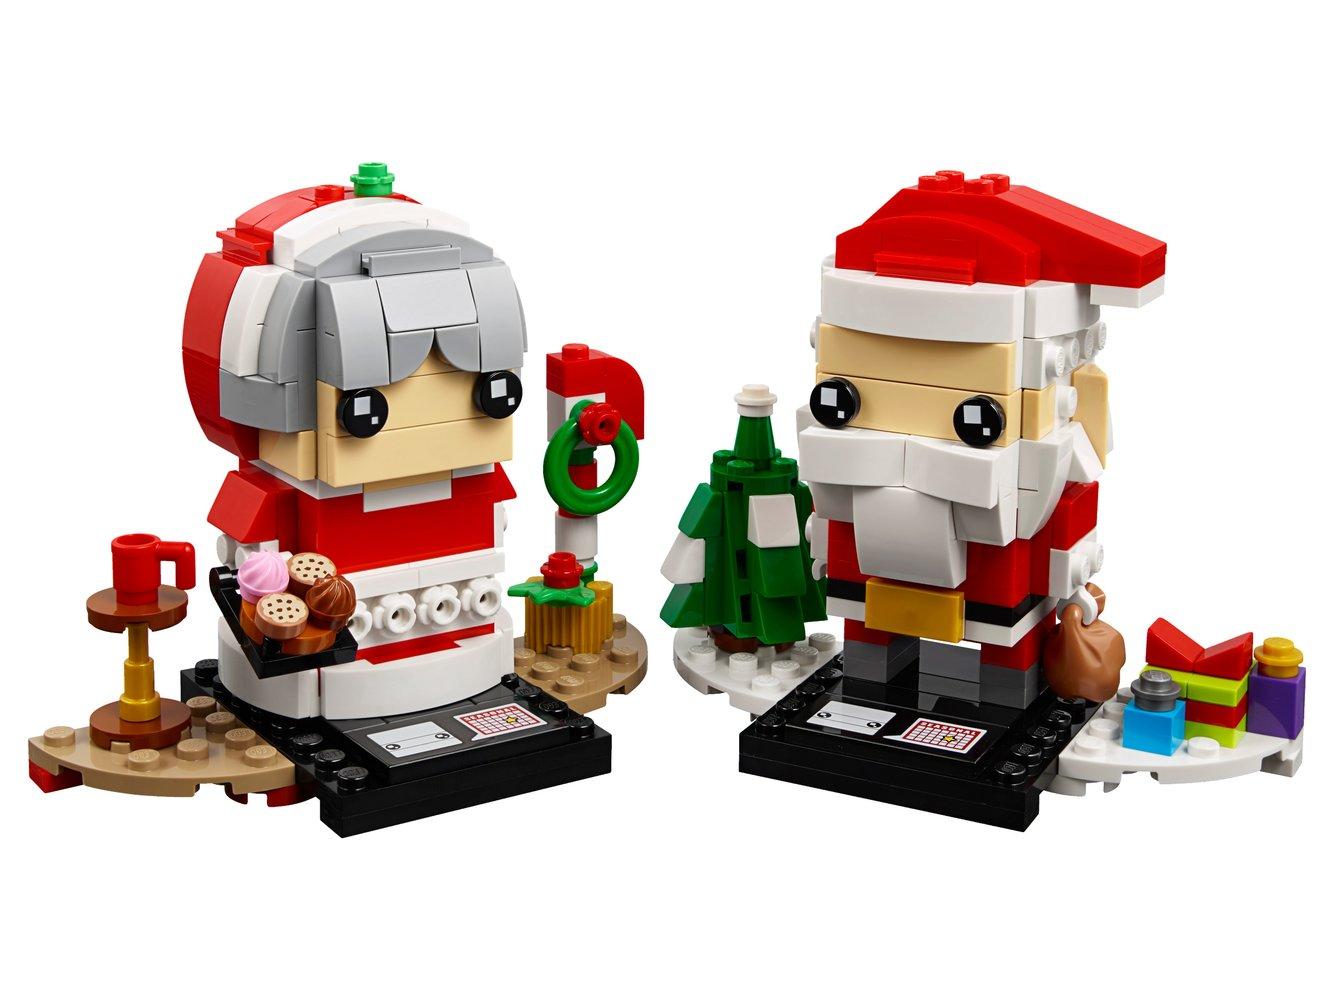 Mr. Claus & Mrs. Claus